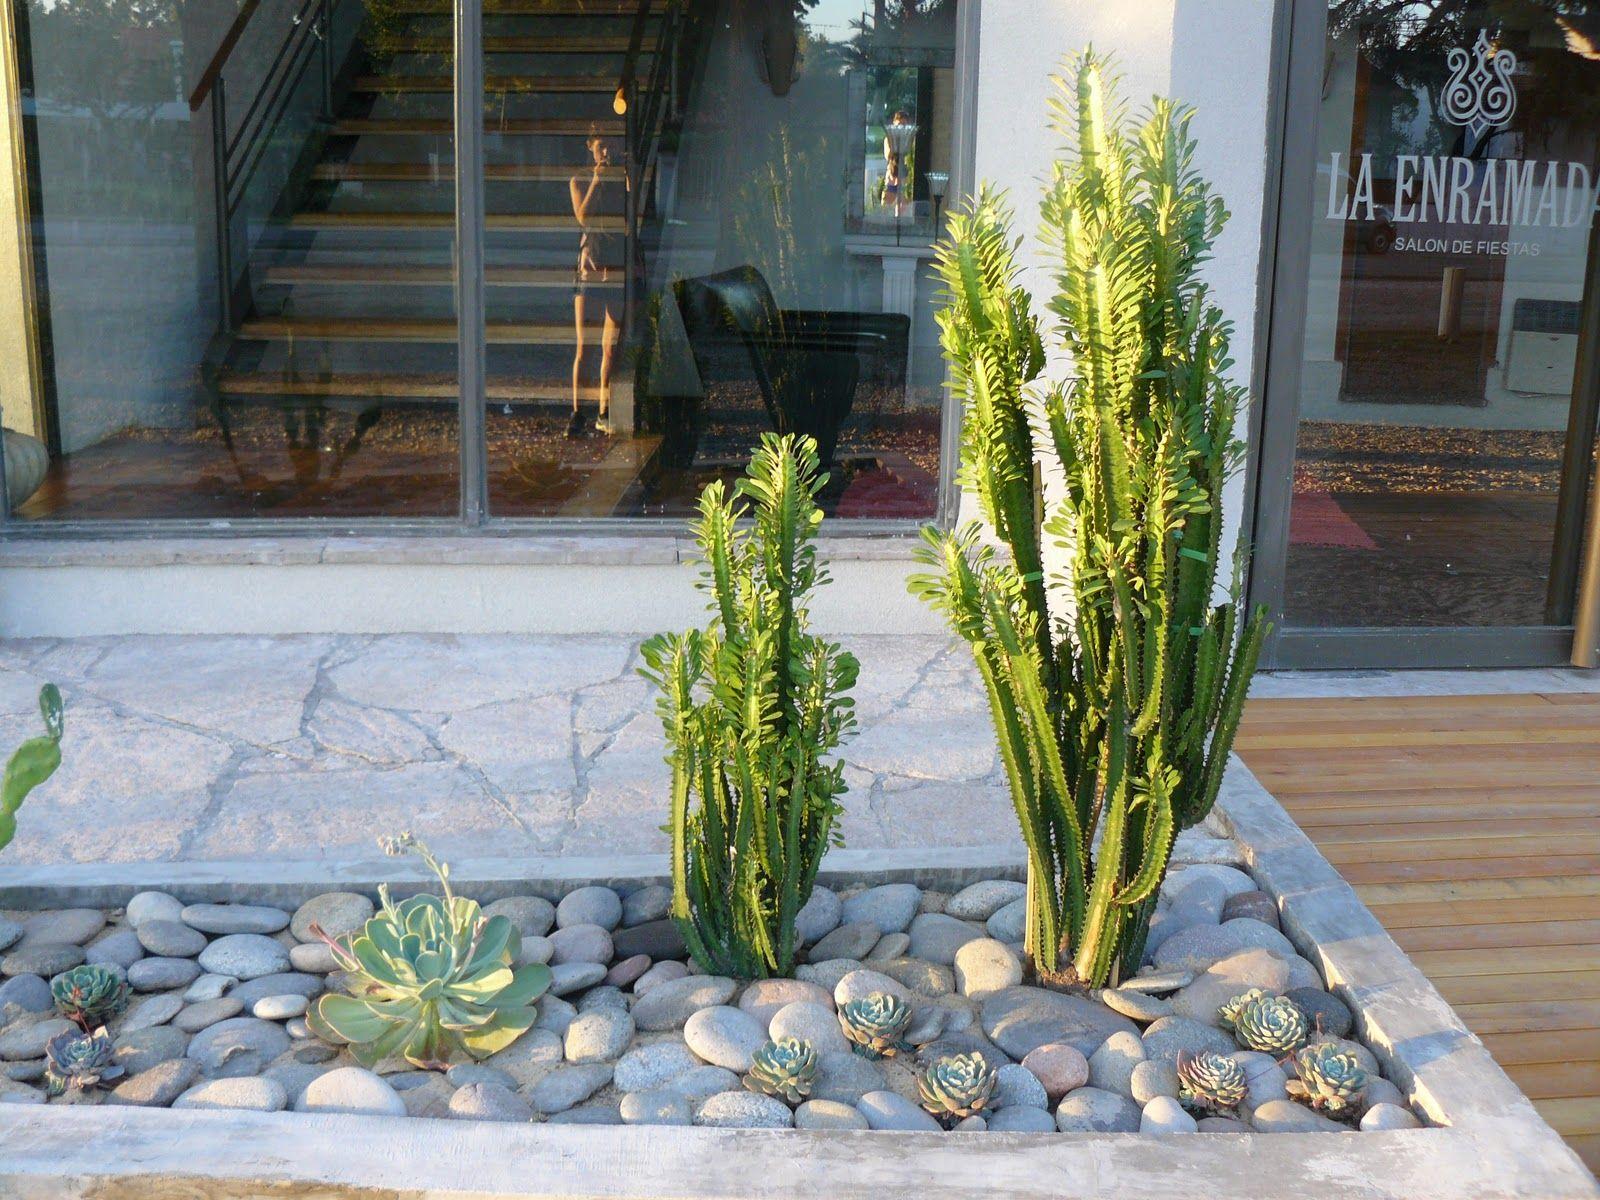 jardines de cactus y suculentas jardn de cactus y suculentas - Jardn De Cactus